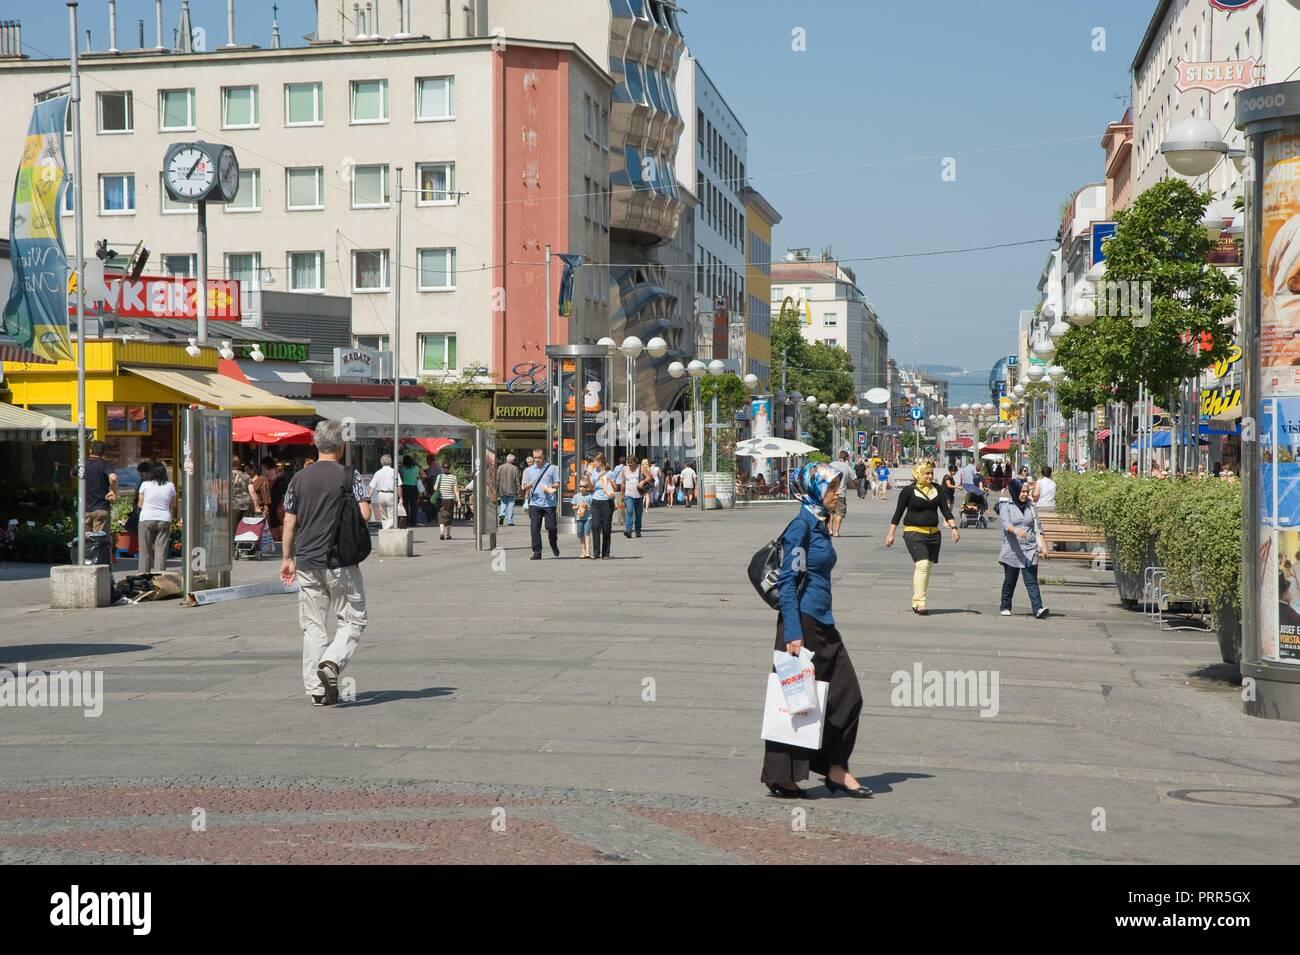 Wien, Fußgängerzone Favoriten - Vienna, Pedestrian Area - Stock Image